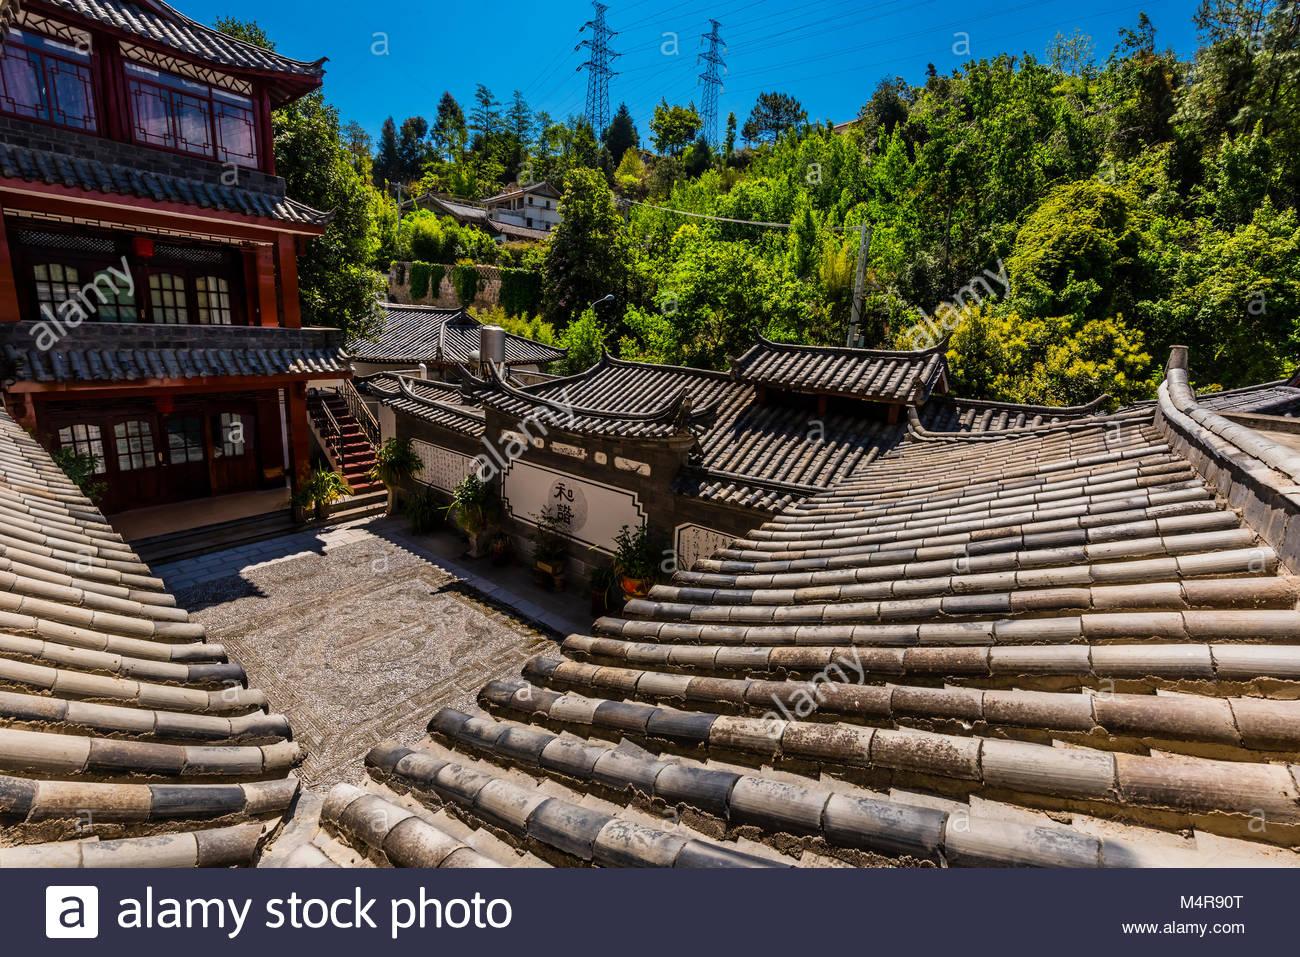 Lijiang Jinhong Villa hotel, Lijiang, Yunnan Province, China. - Stock Image